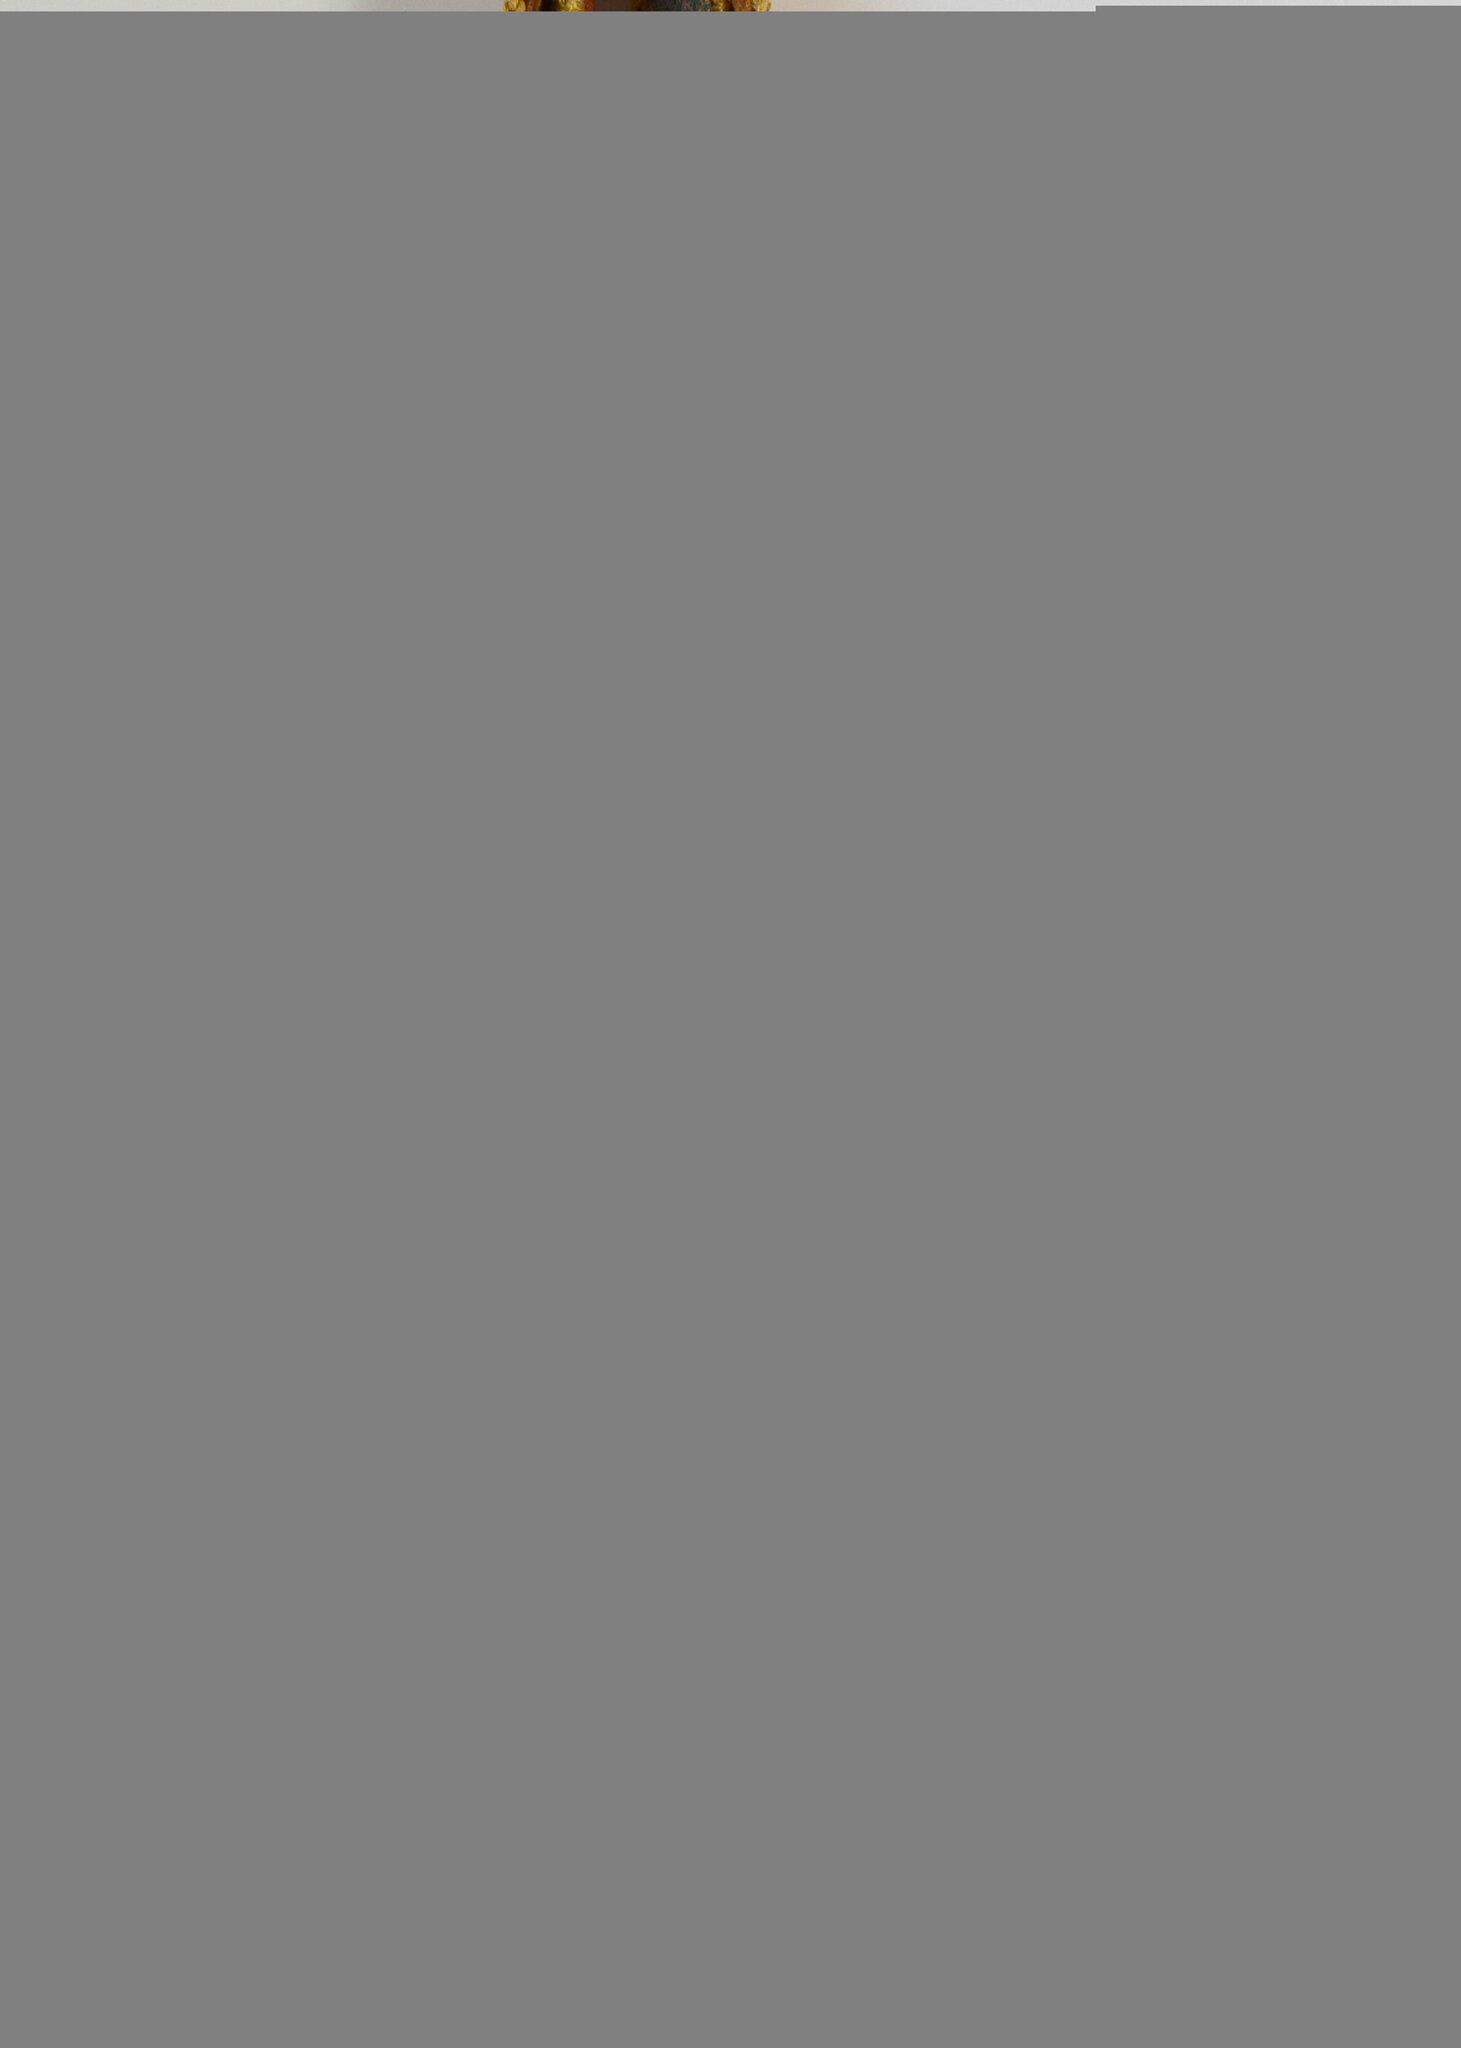 sac crochet granny-laine-coton-La chouette bricole (6)